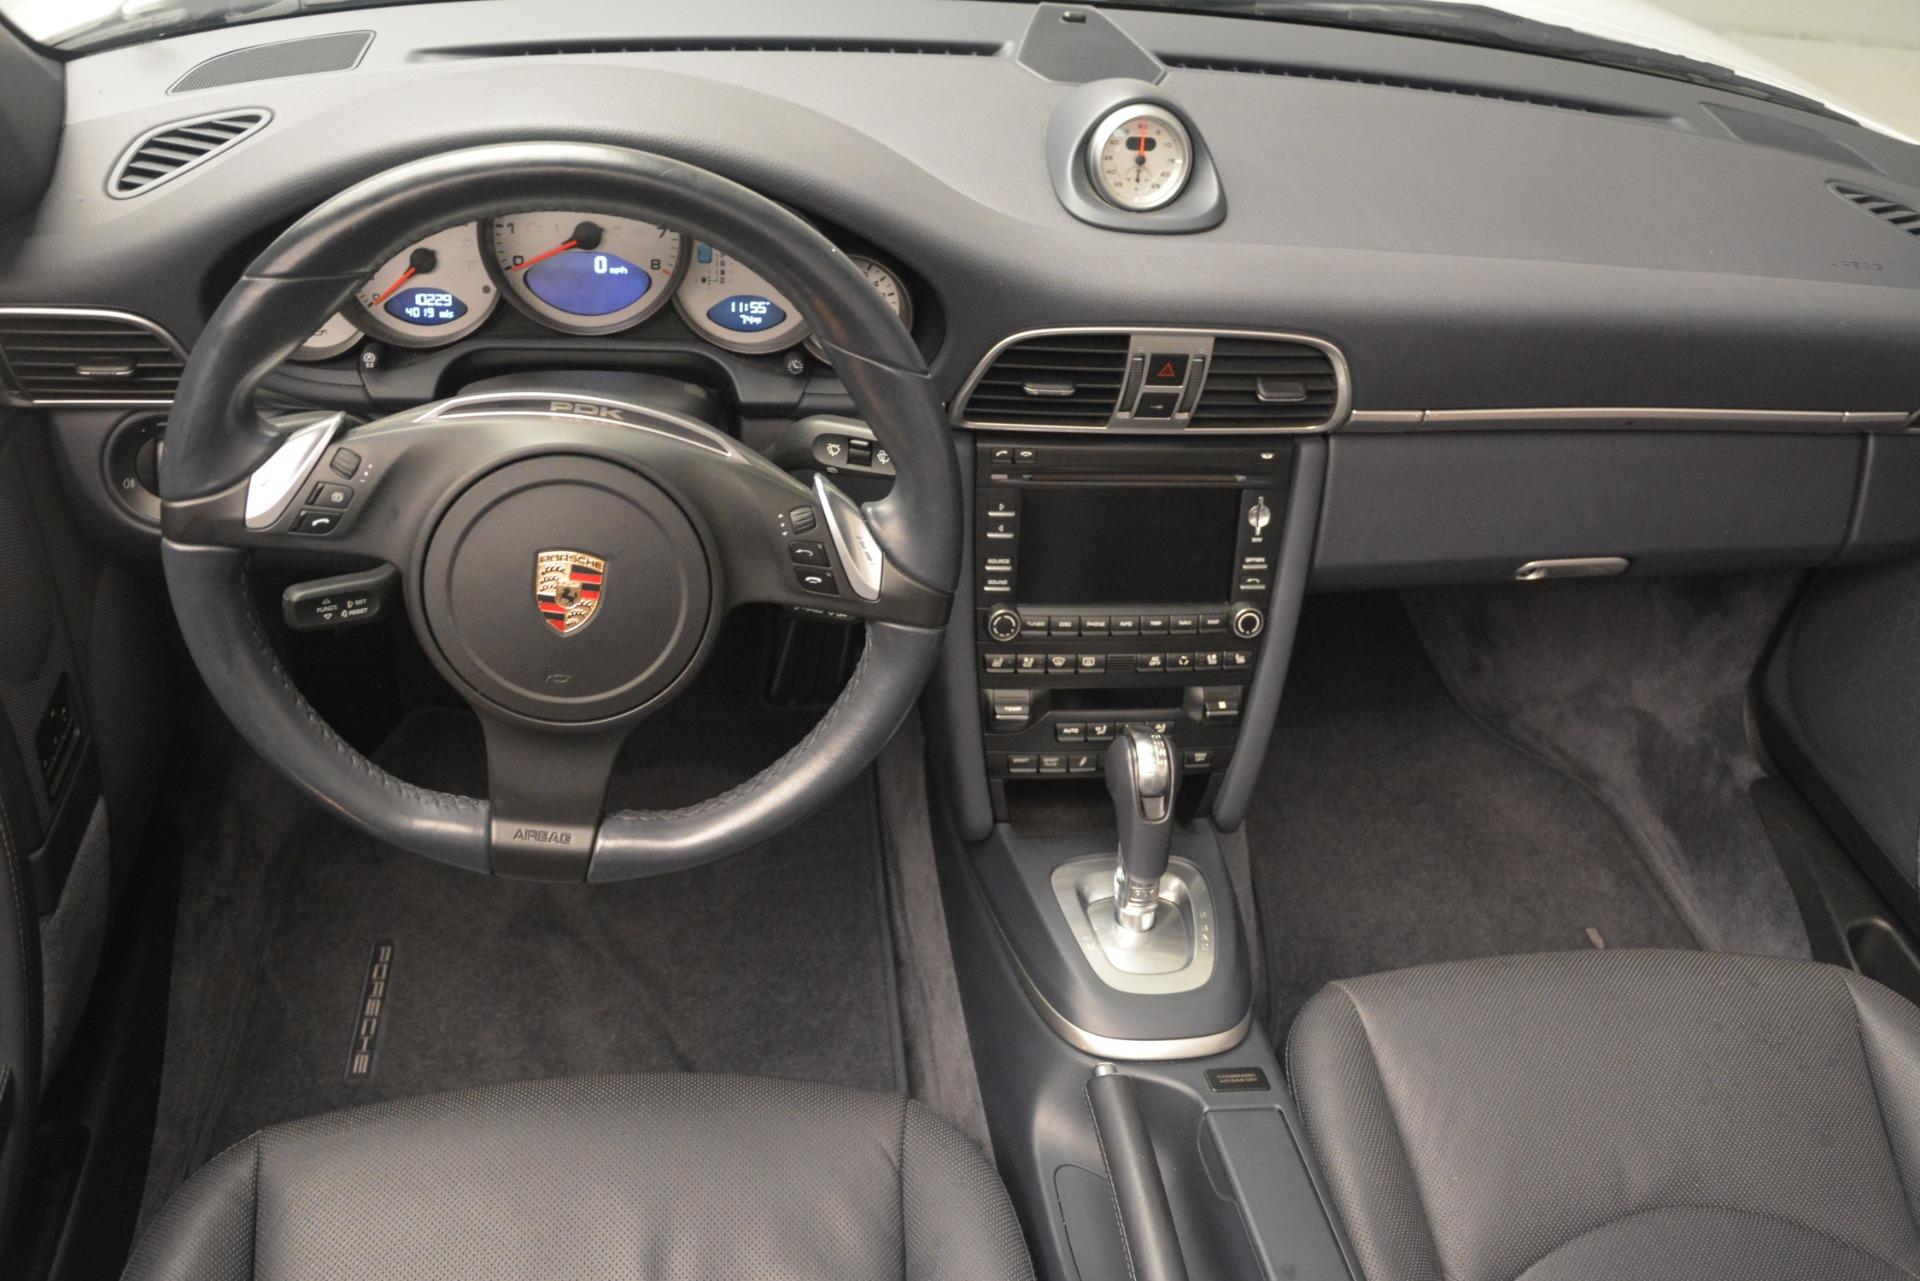 Used 2011 Porsche 911 Carrera 4S For Sale In Greenwich, CT 2600_p21